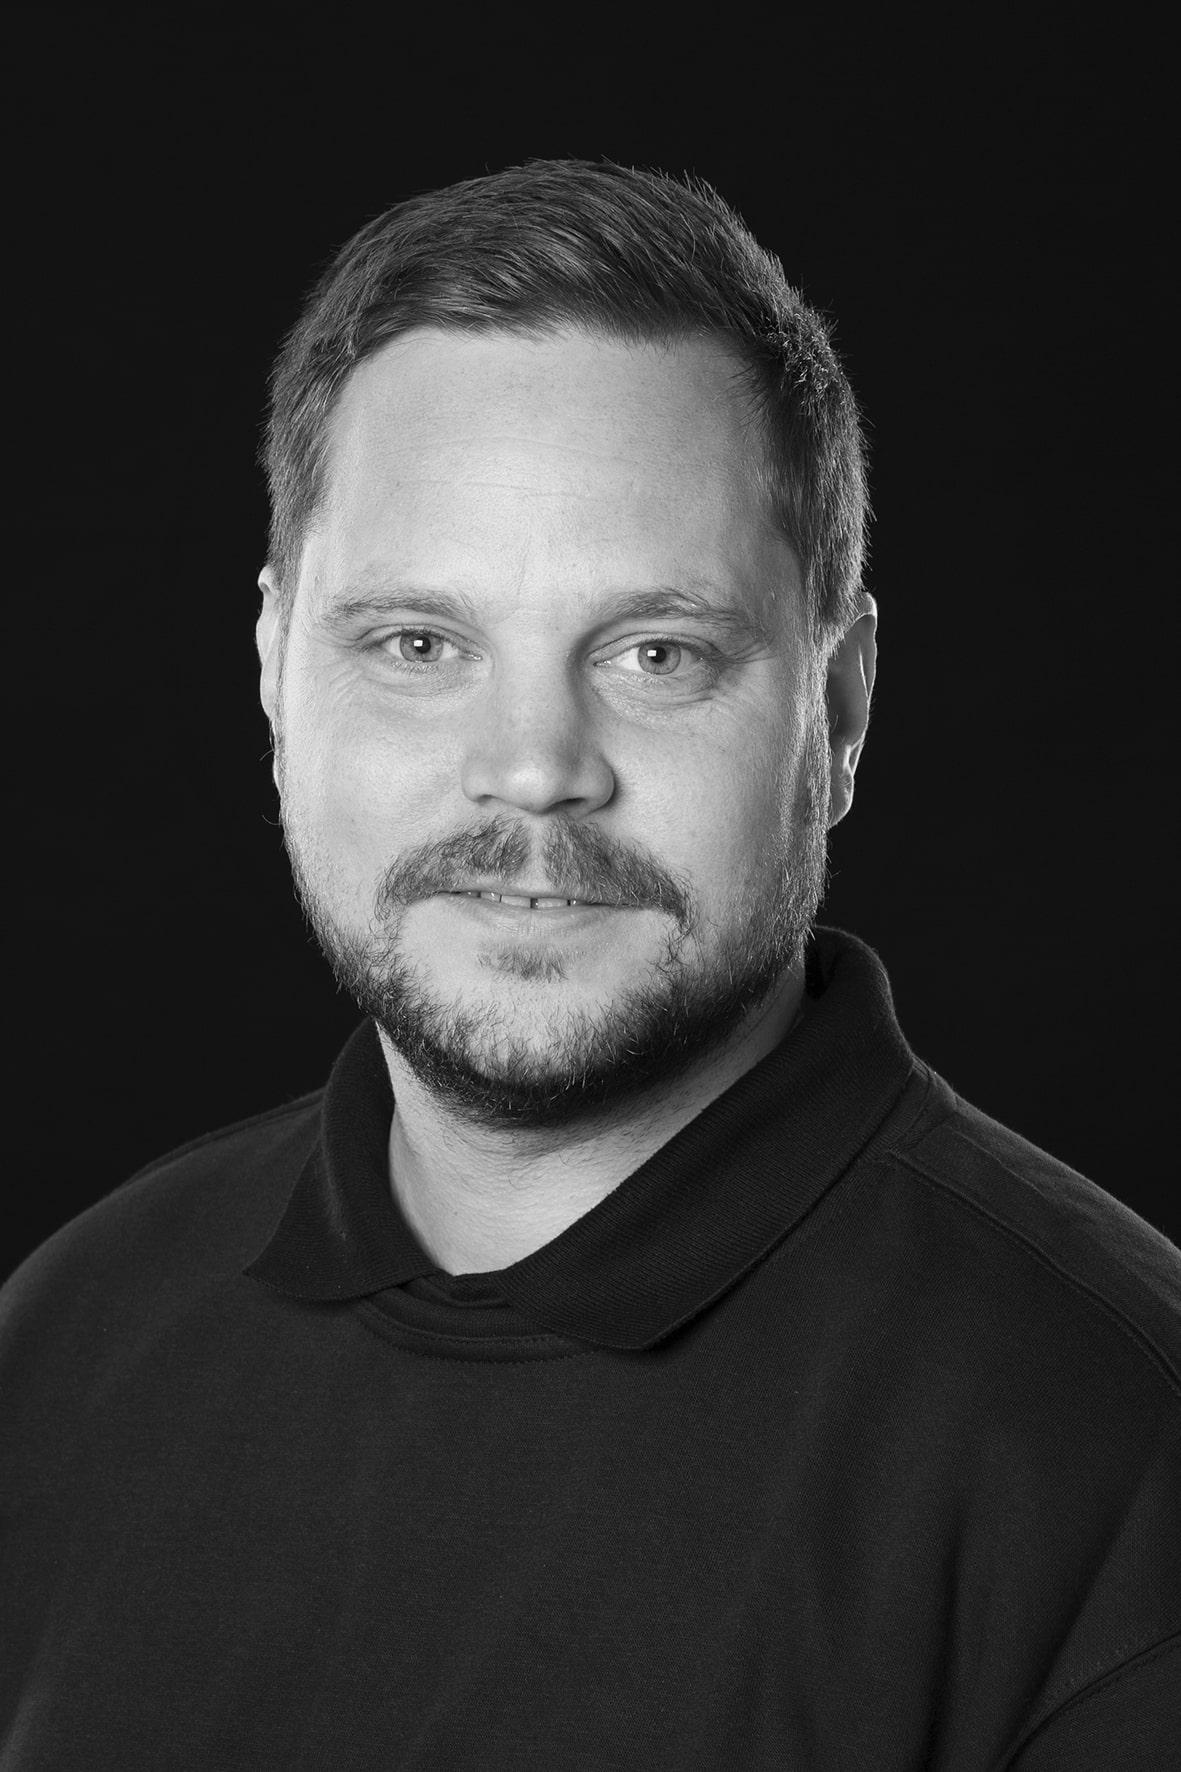 Christian Gideskog